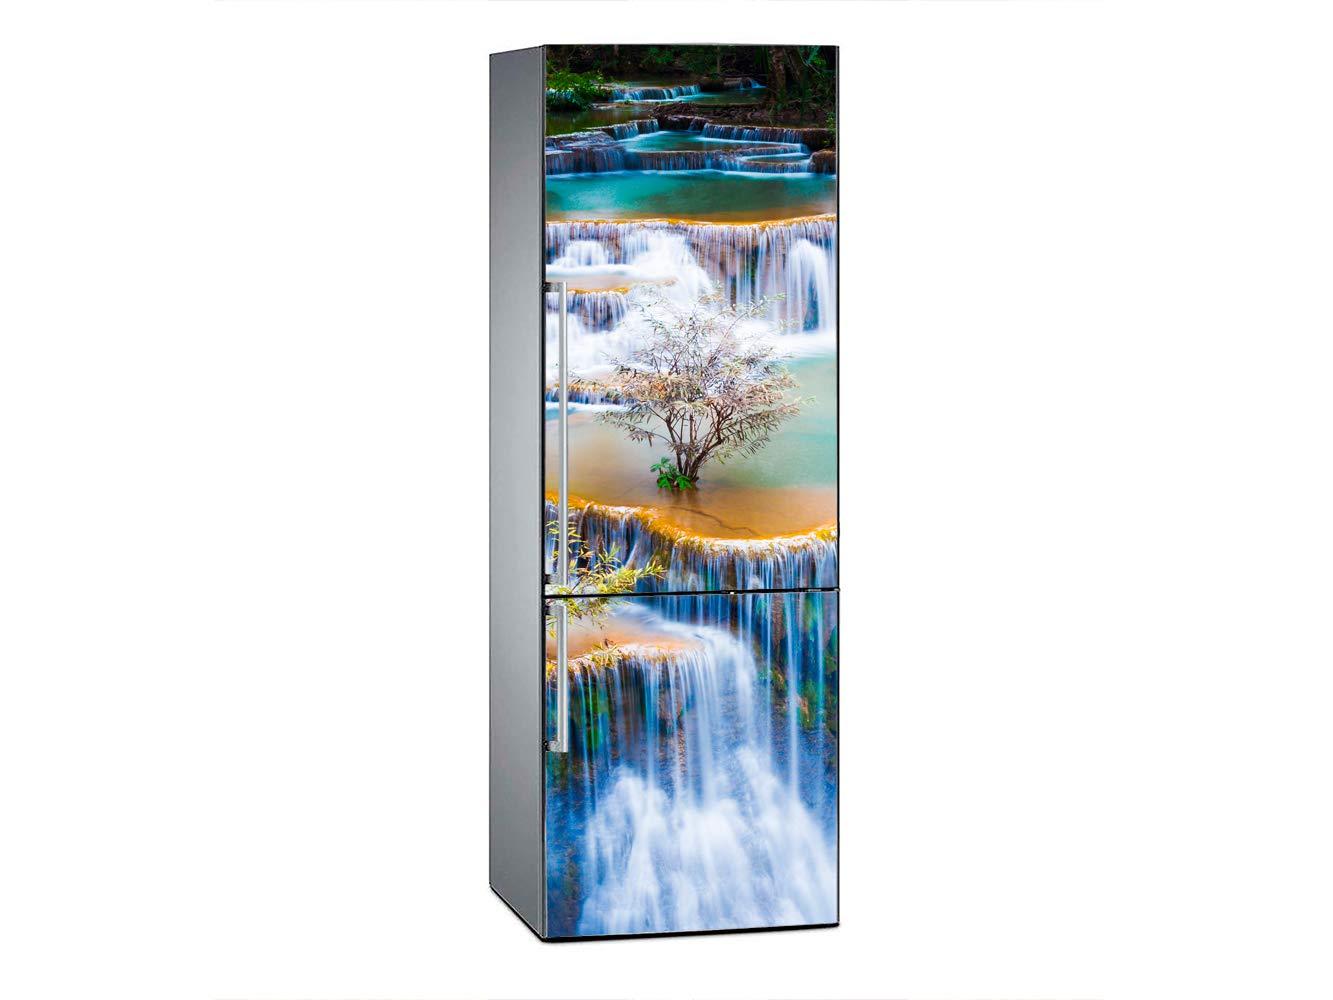 adh/ésif r/ésistant et /économique Vinyle pour r/éfrig/érateur Cascades de huay Mae KHA Min 200 x 60 cm Oedim adh/ésif d/écoratif au Design /él/égant